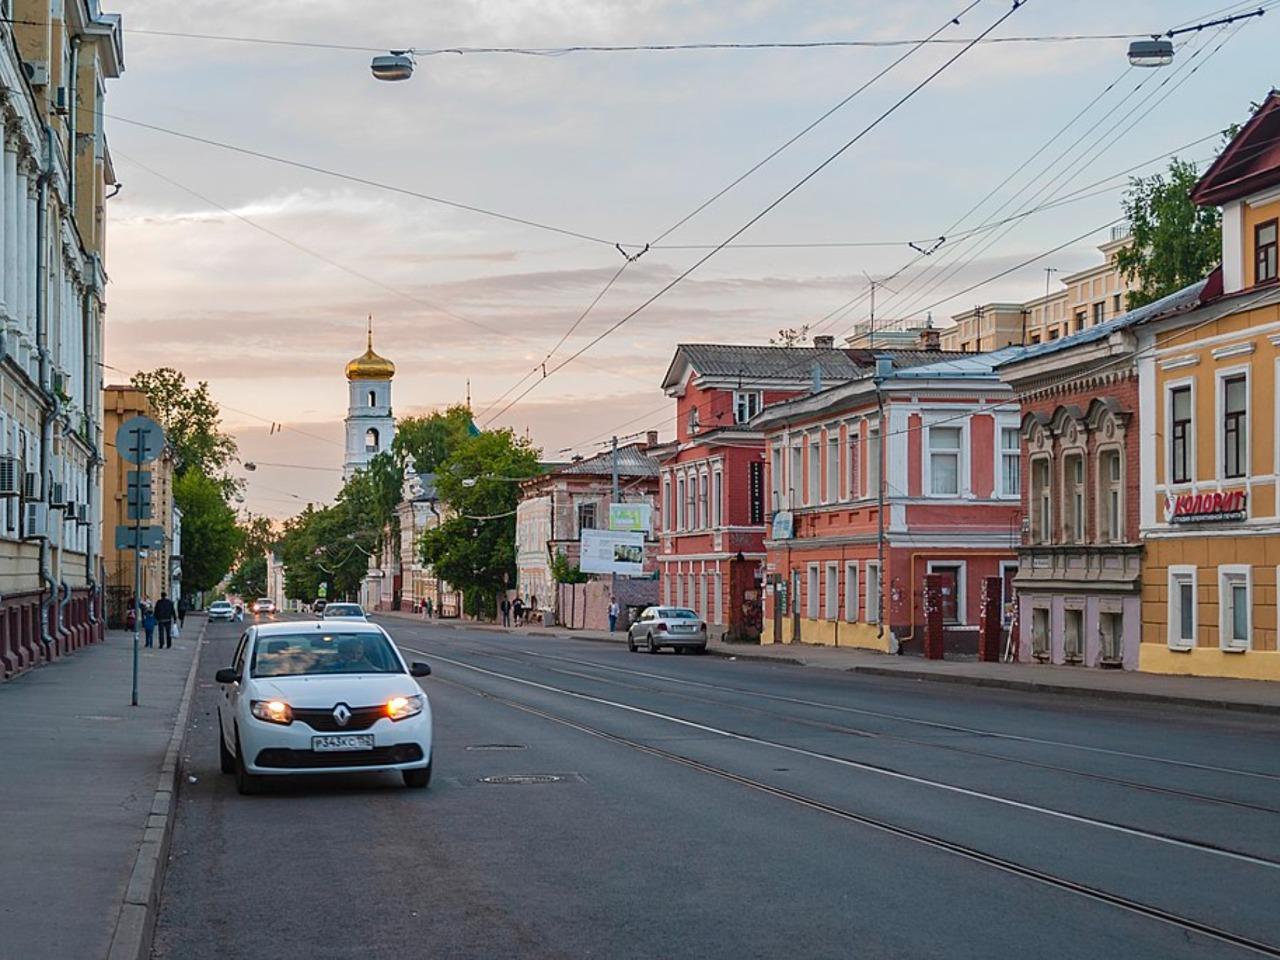 Прогулка по Ильинке - индивидуальная экскурсия по Нижнему Новгороду от опытного гида